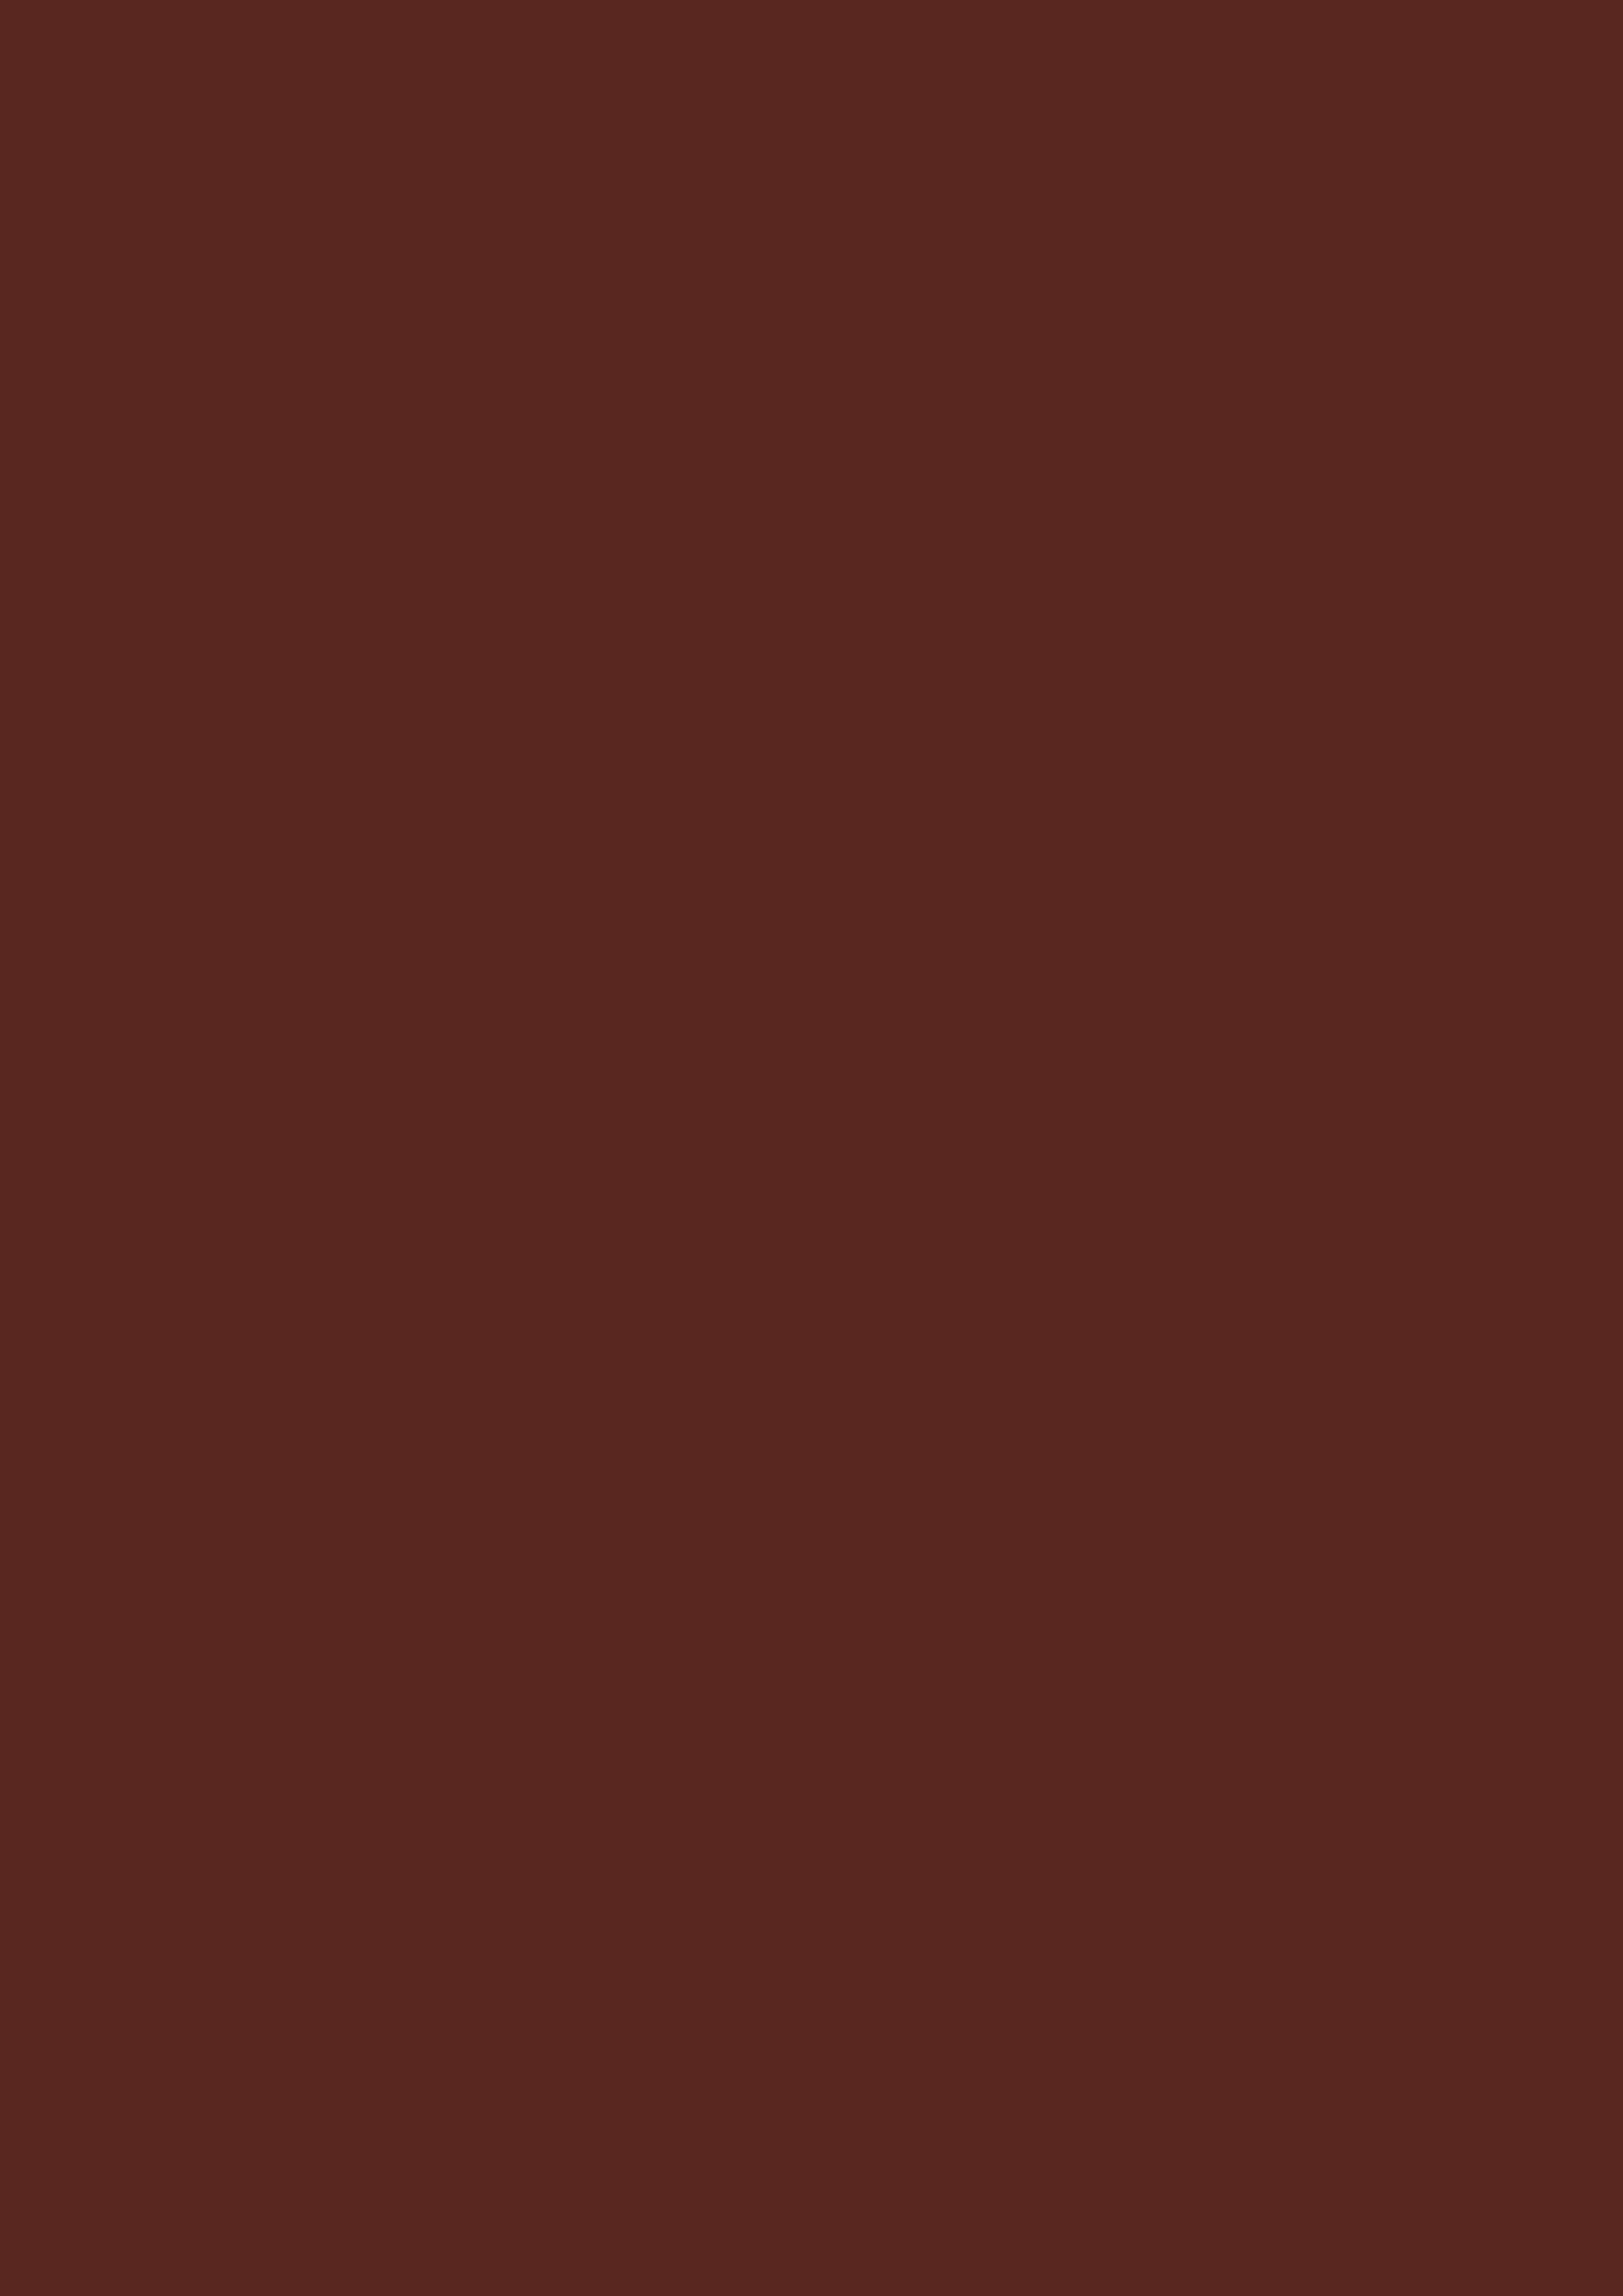 2480x3508 Caput Mortuum Solid Color Background